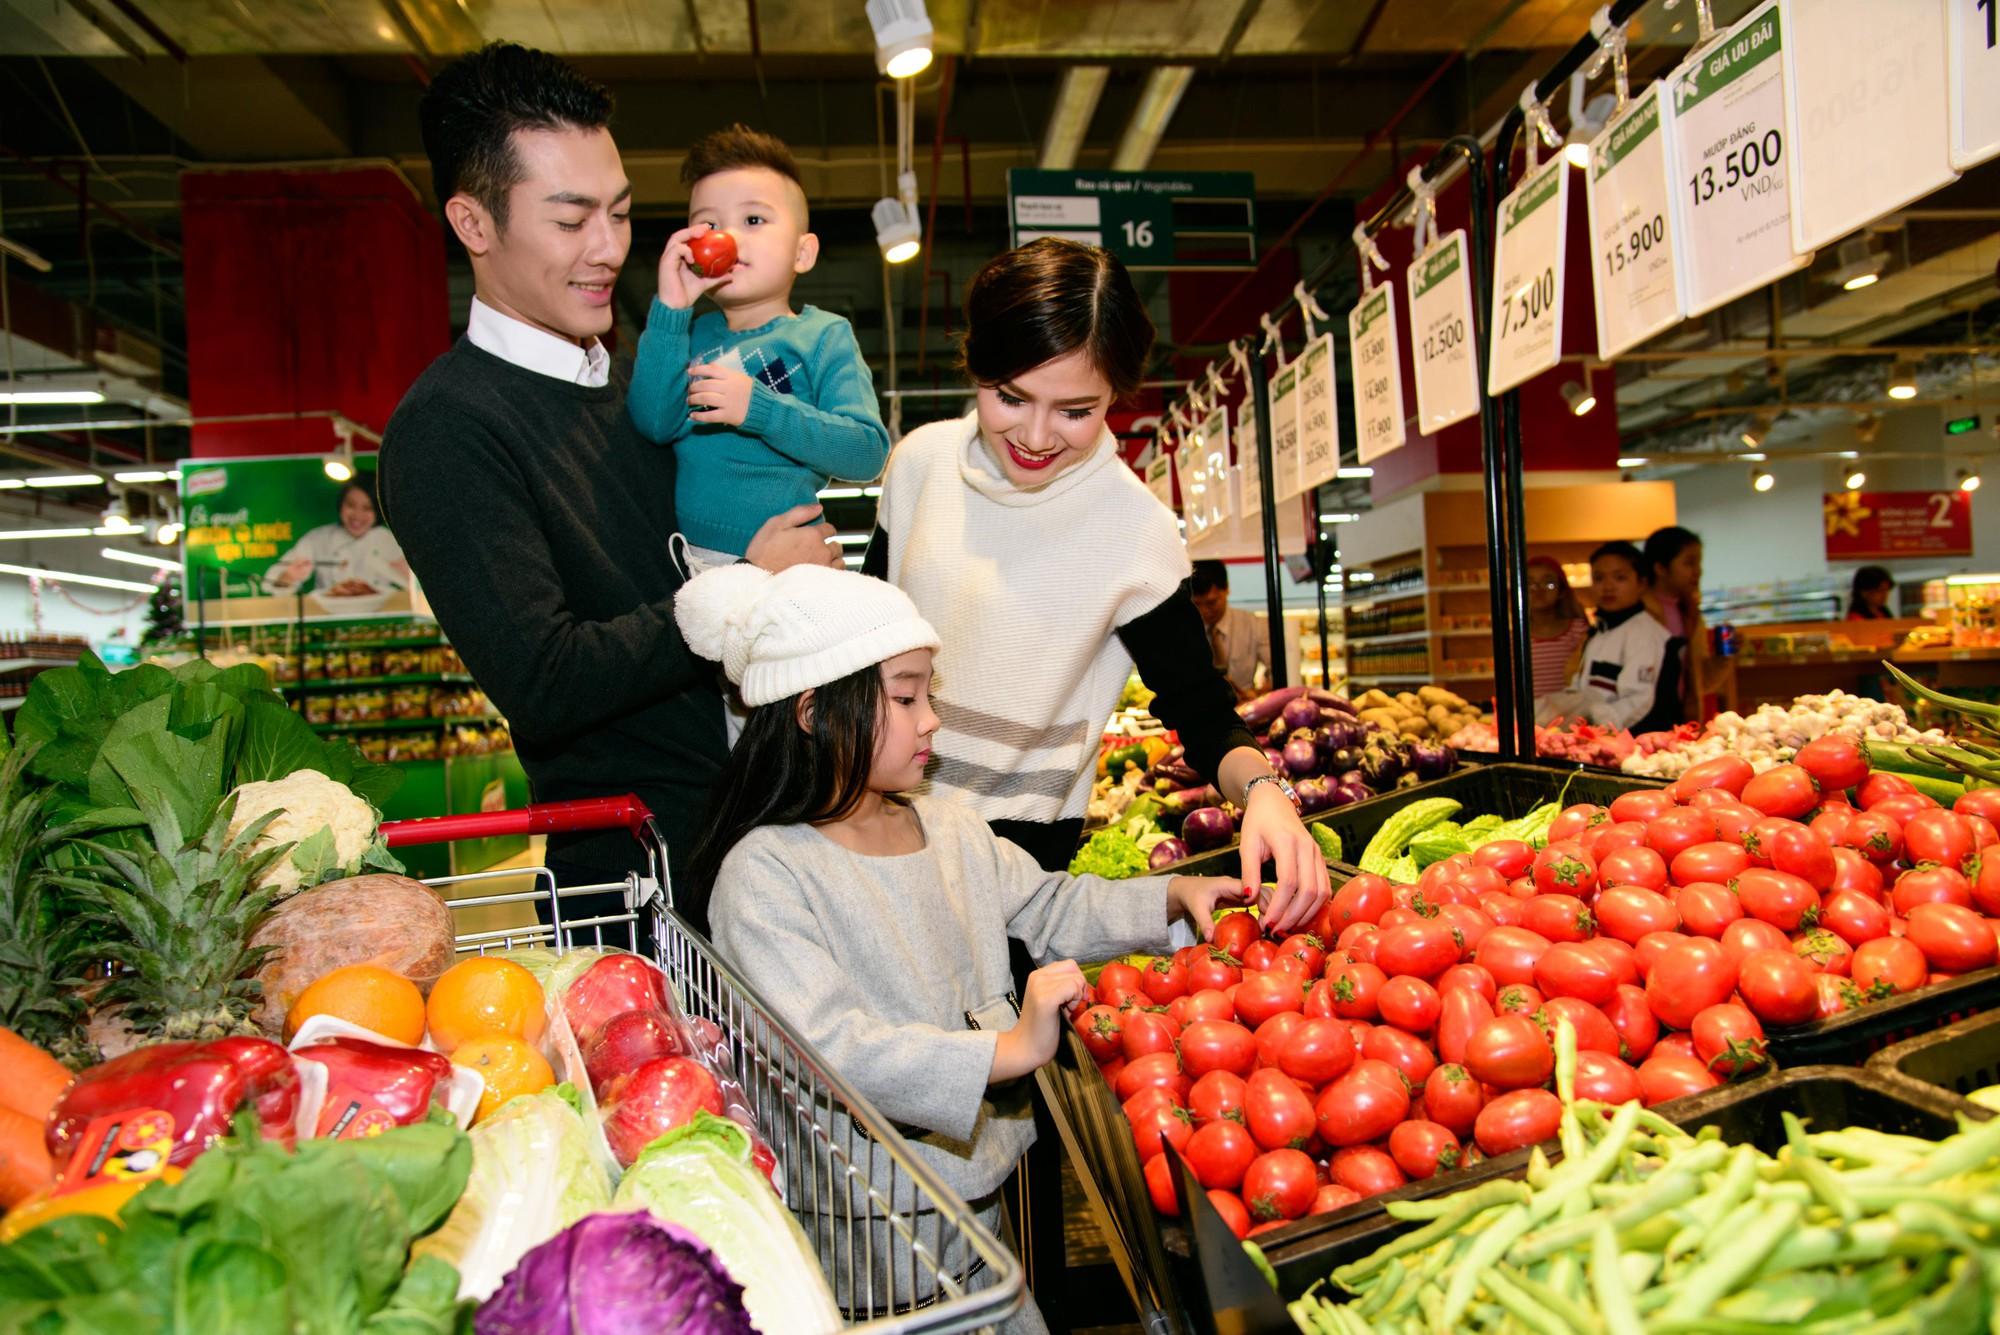 Vincom Retail lãi ròng quí I hơn 611 tỉ đồng, doanh thu tăng trưởng 41% - Ảnh 1.